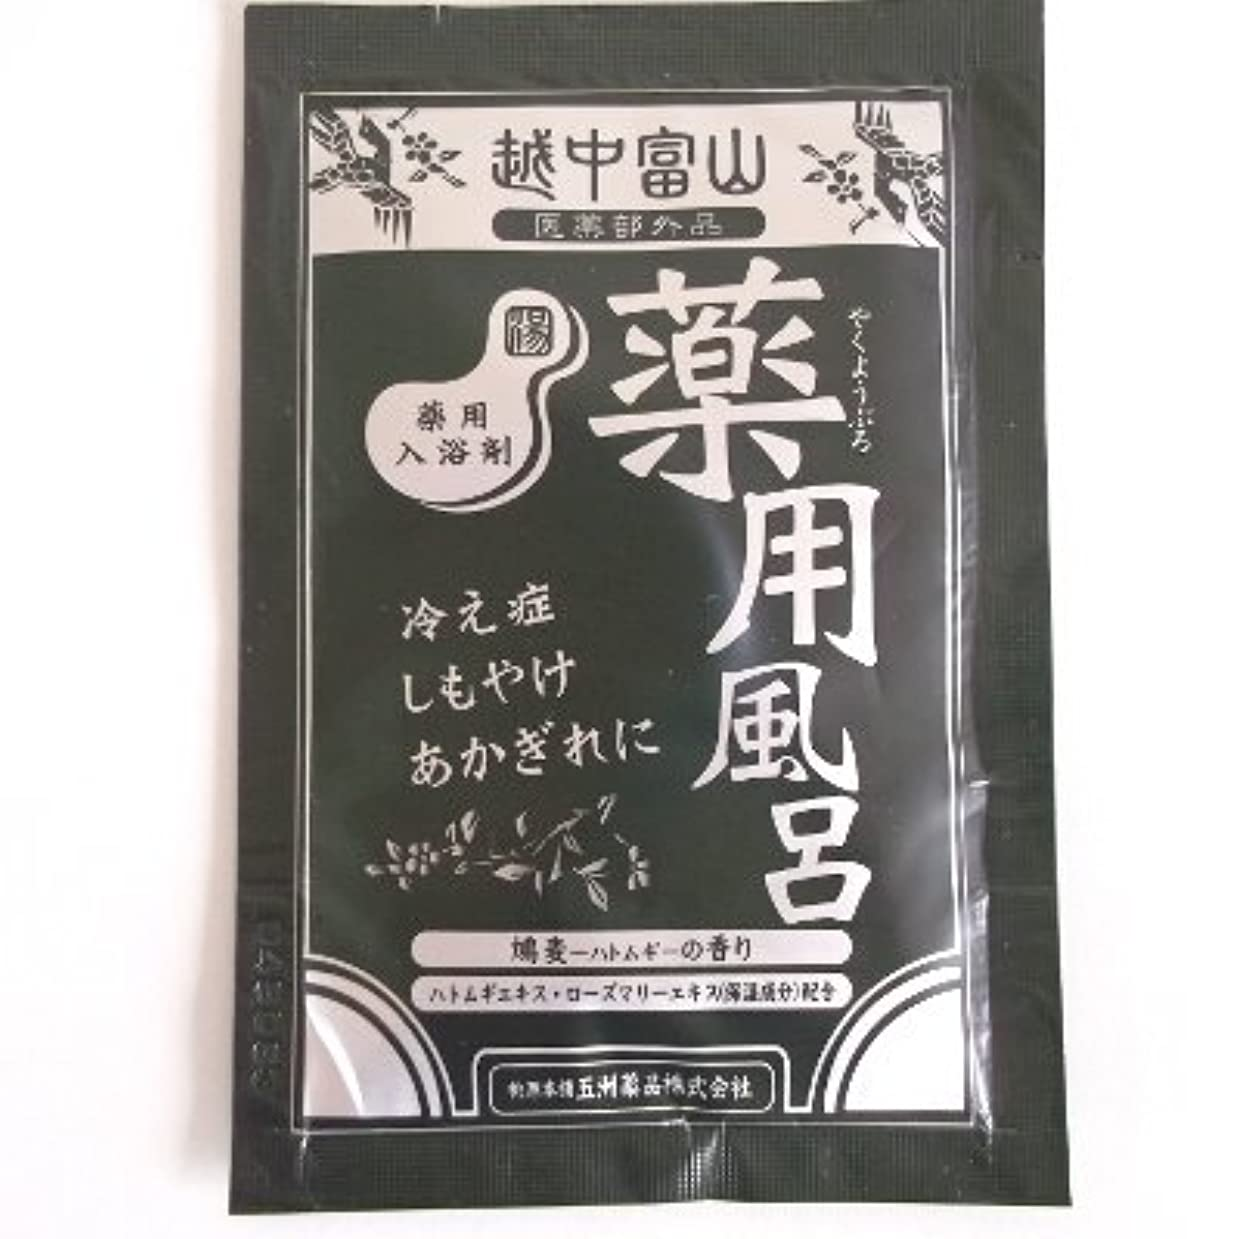 型香ばしい割る越中富山薬用風呂 鳩麦の香り